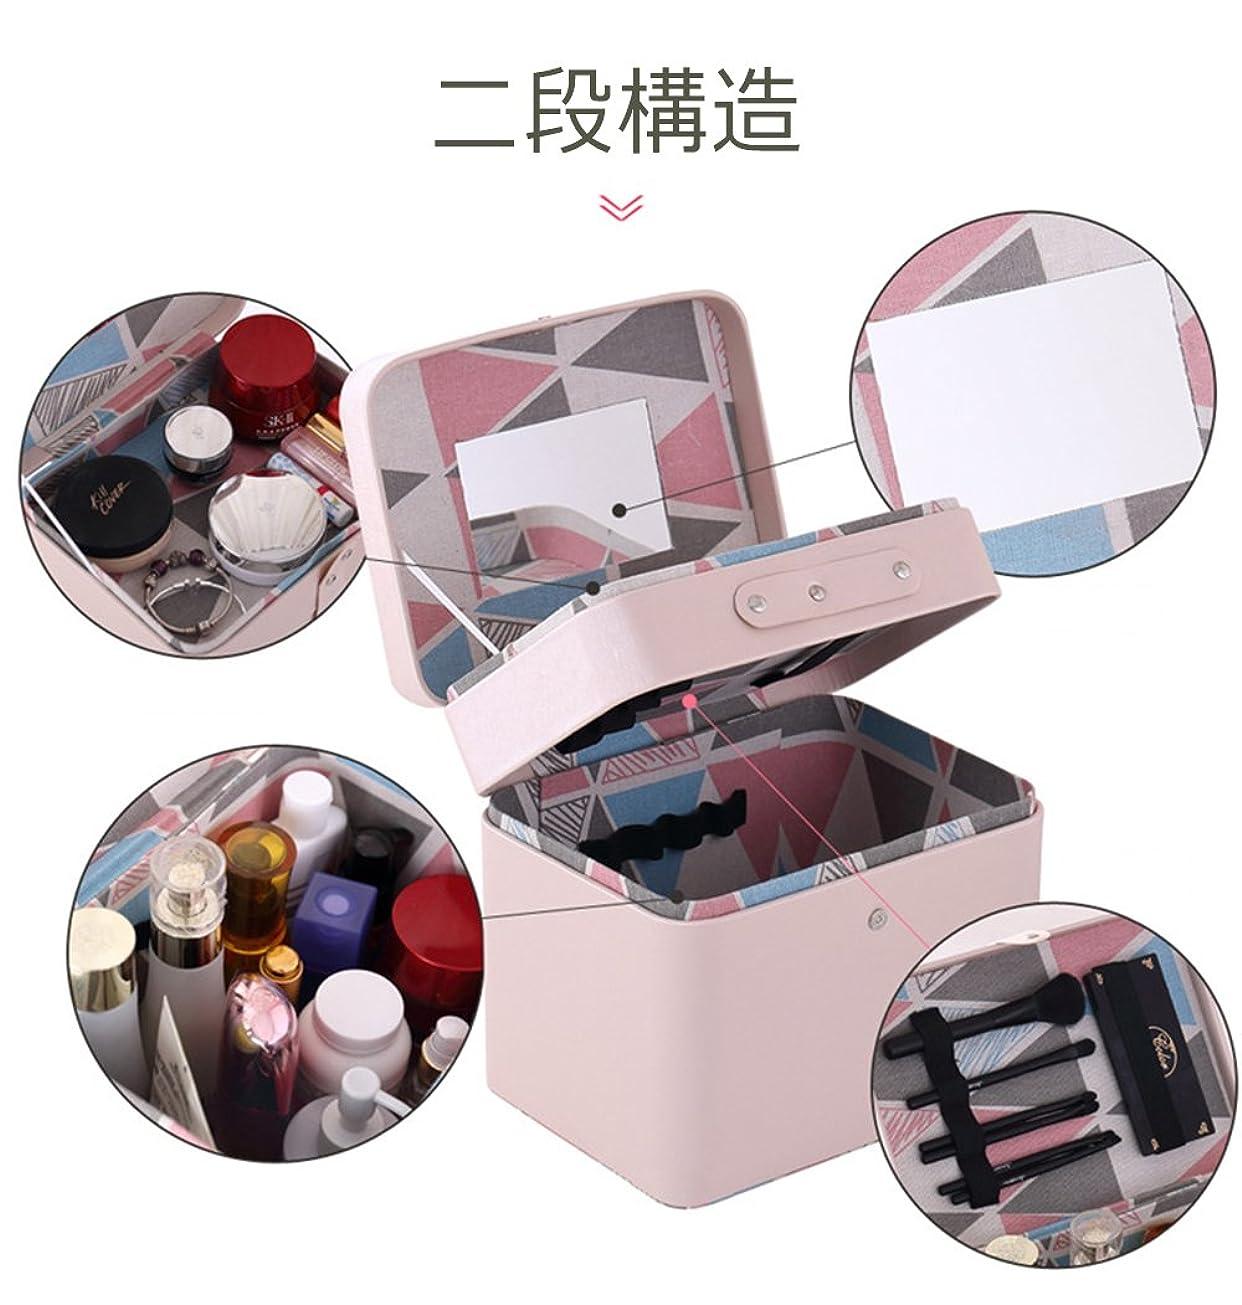 木製国籍アイスクリームSZTulip メイクボックス コスメボックス 大容量収納ケース メイクブラシ化粧道具 小物入れ 鏡付き 化粧品収納ボックス (ピンク)